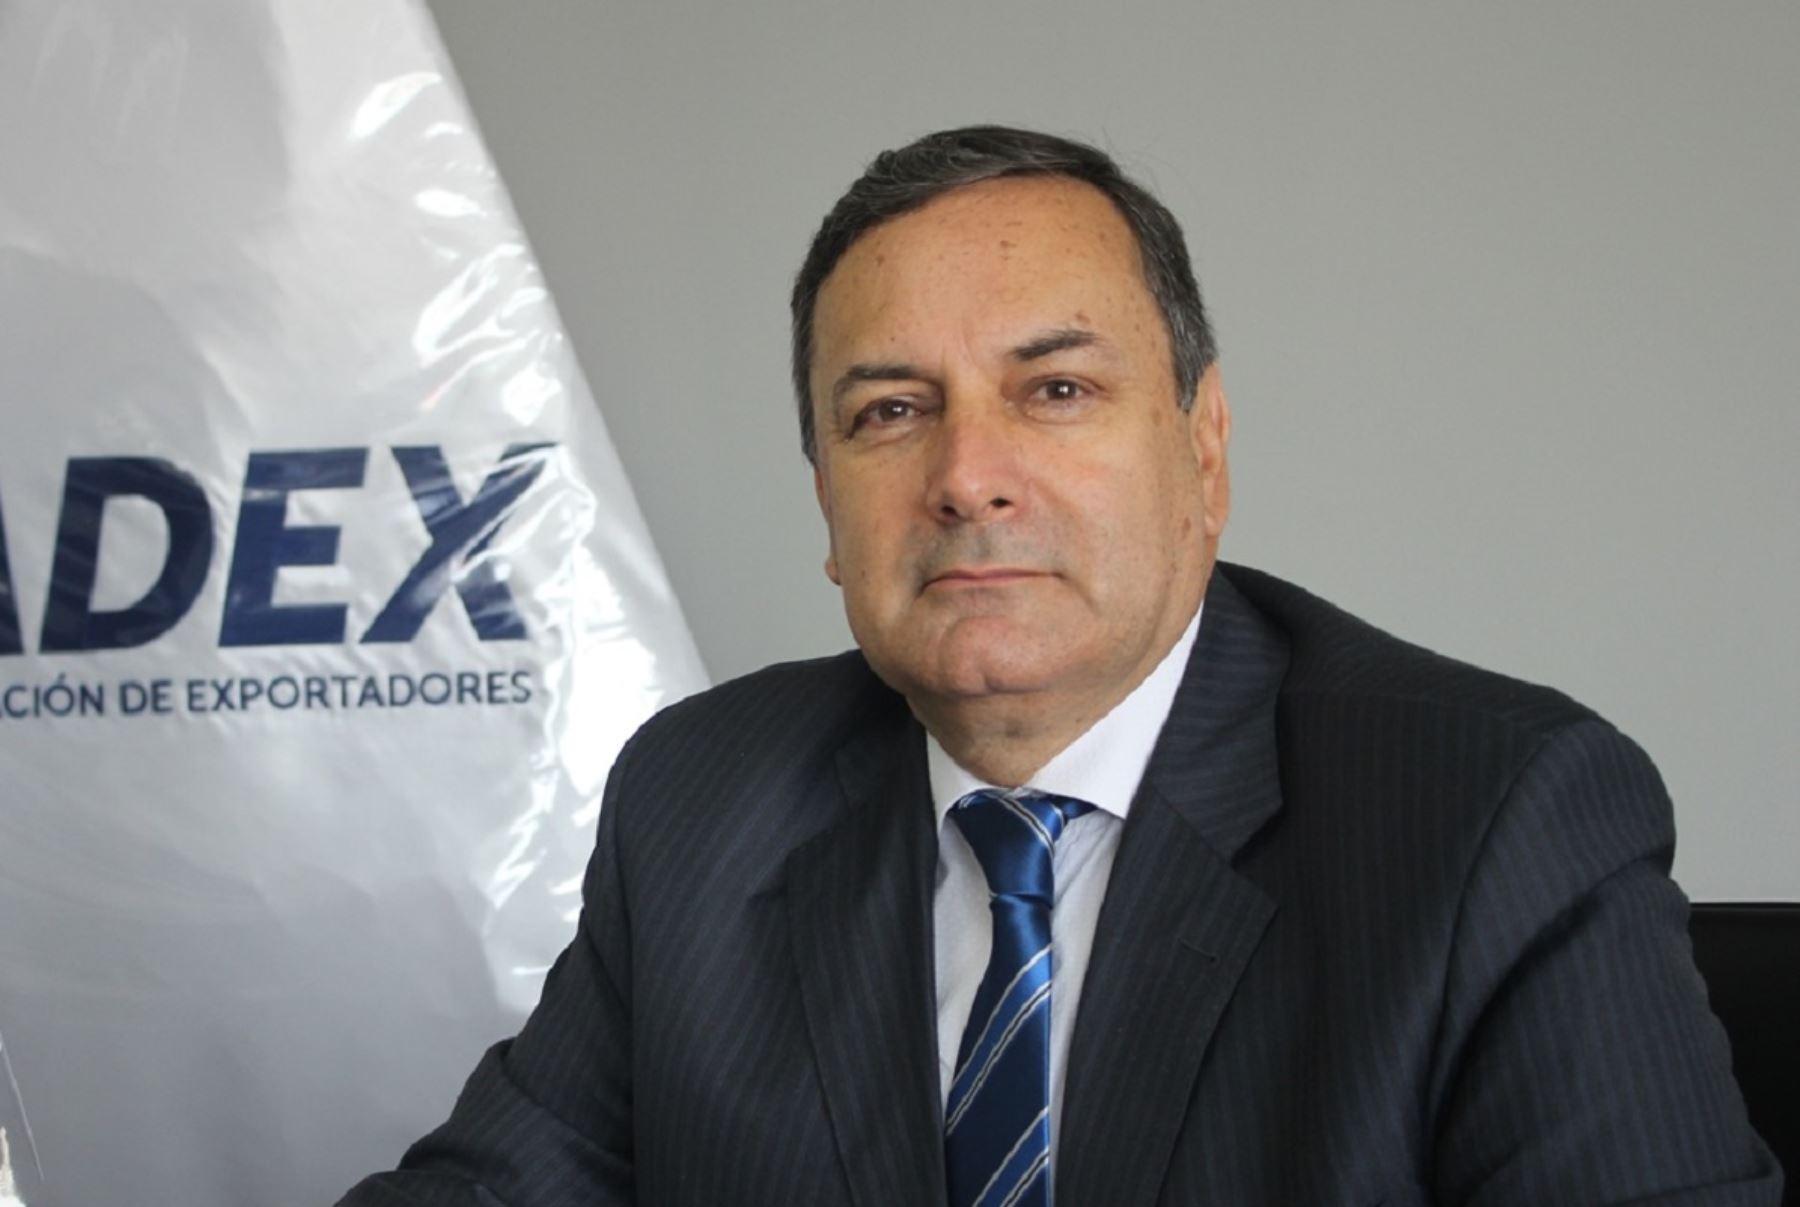 Nuevo titular de Adex, Erik Fischer. Foto: Cortesía.